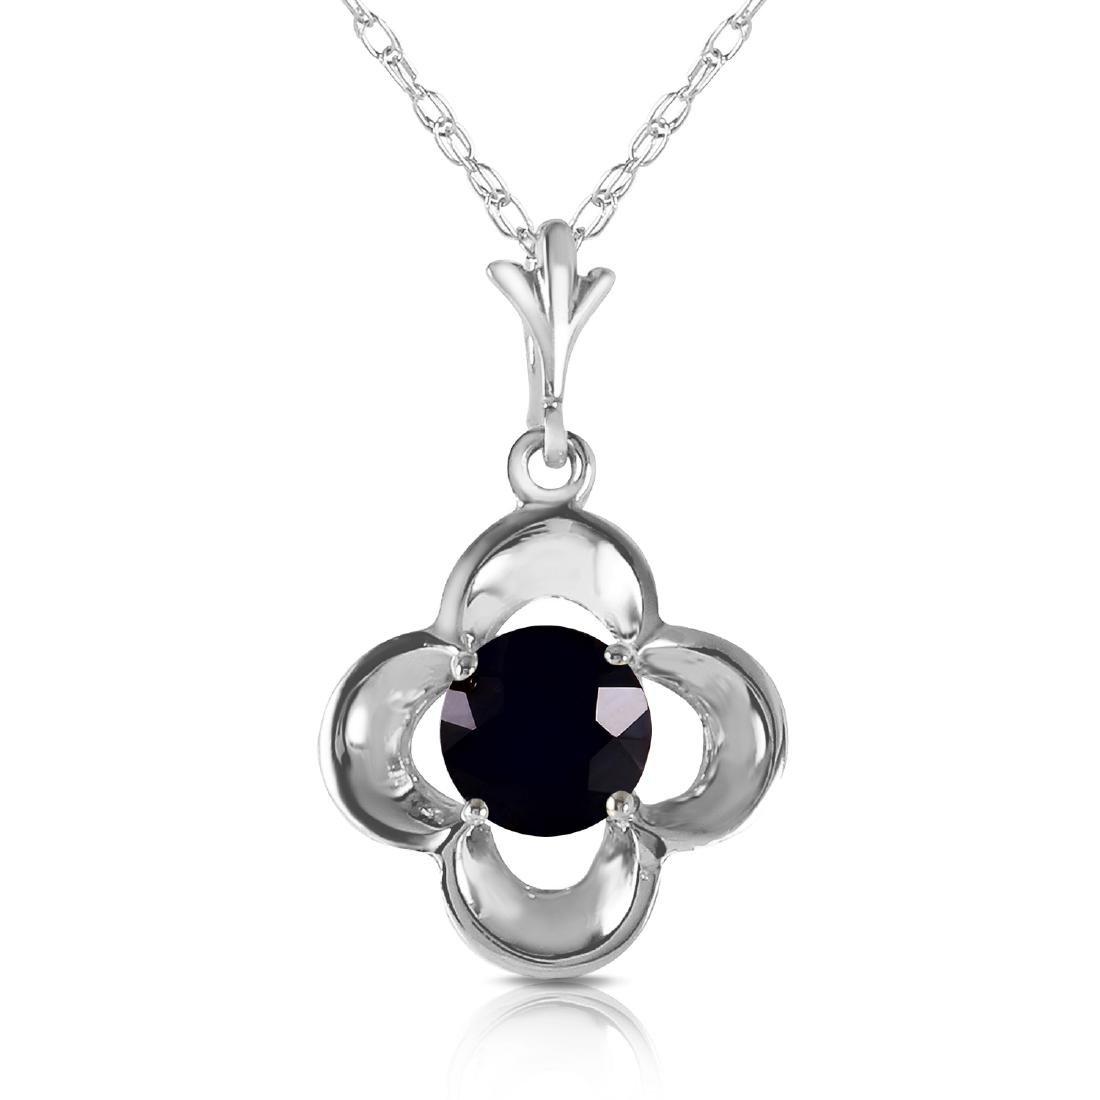 Genuine 0.50 ctw Black Diamond Necklace Jewelry 14KT